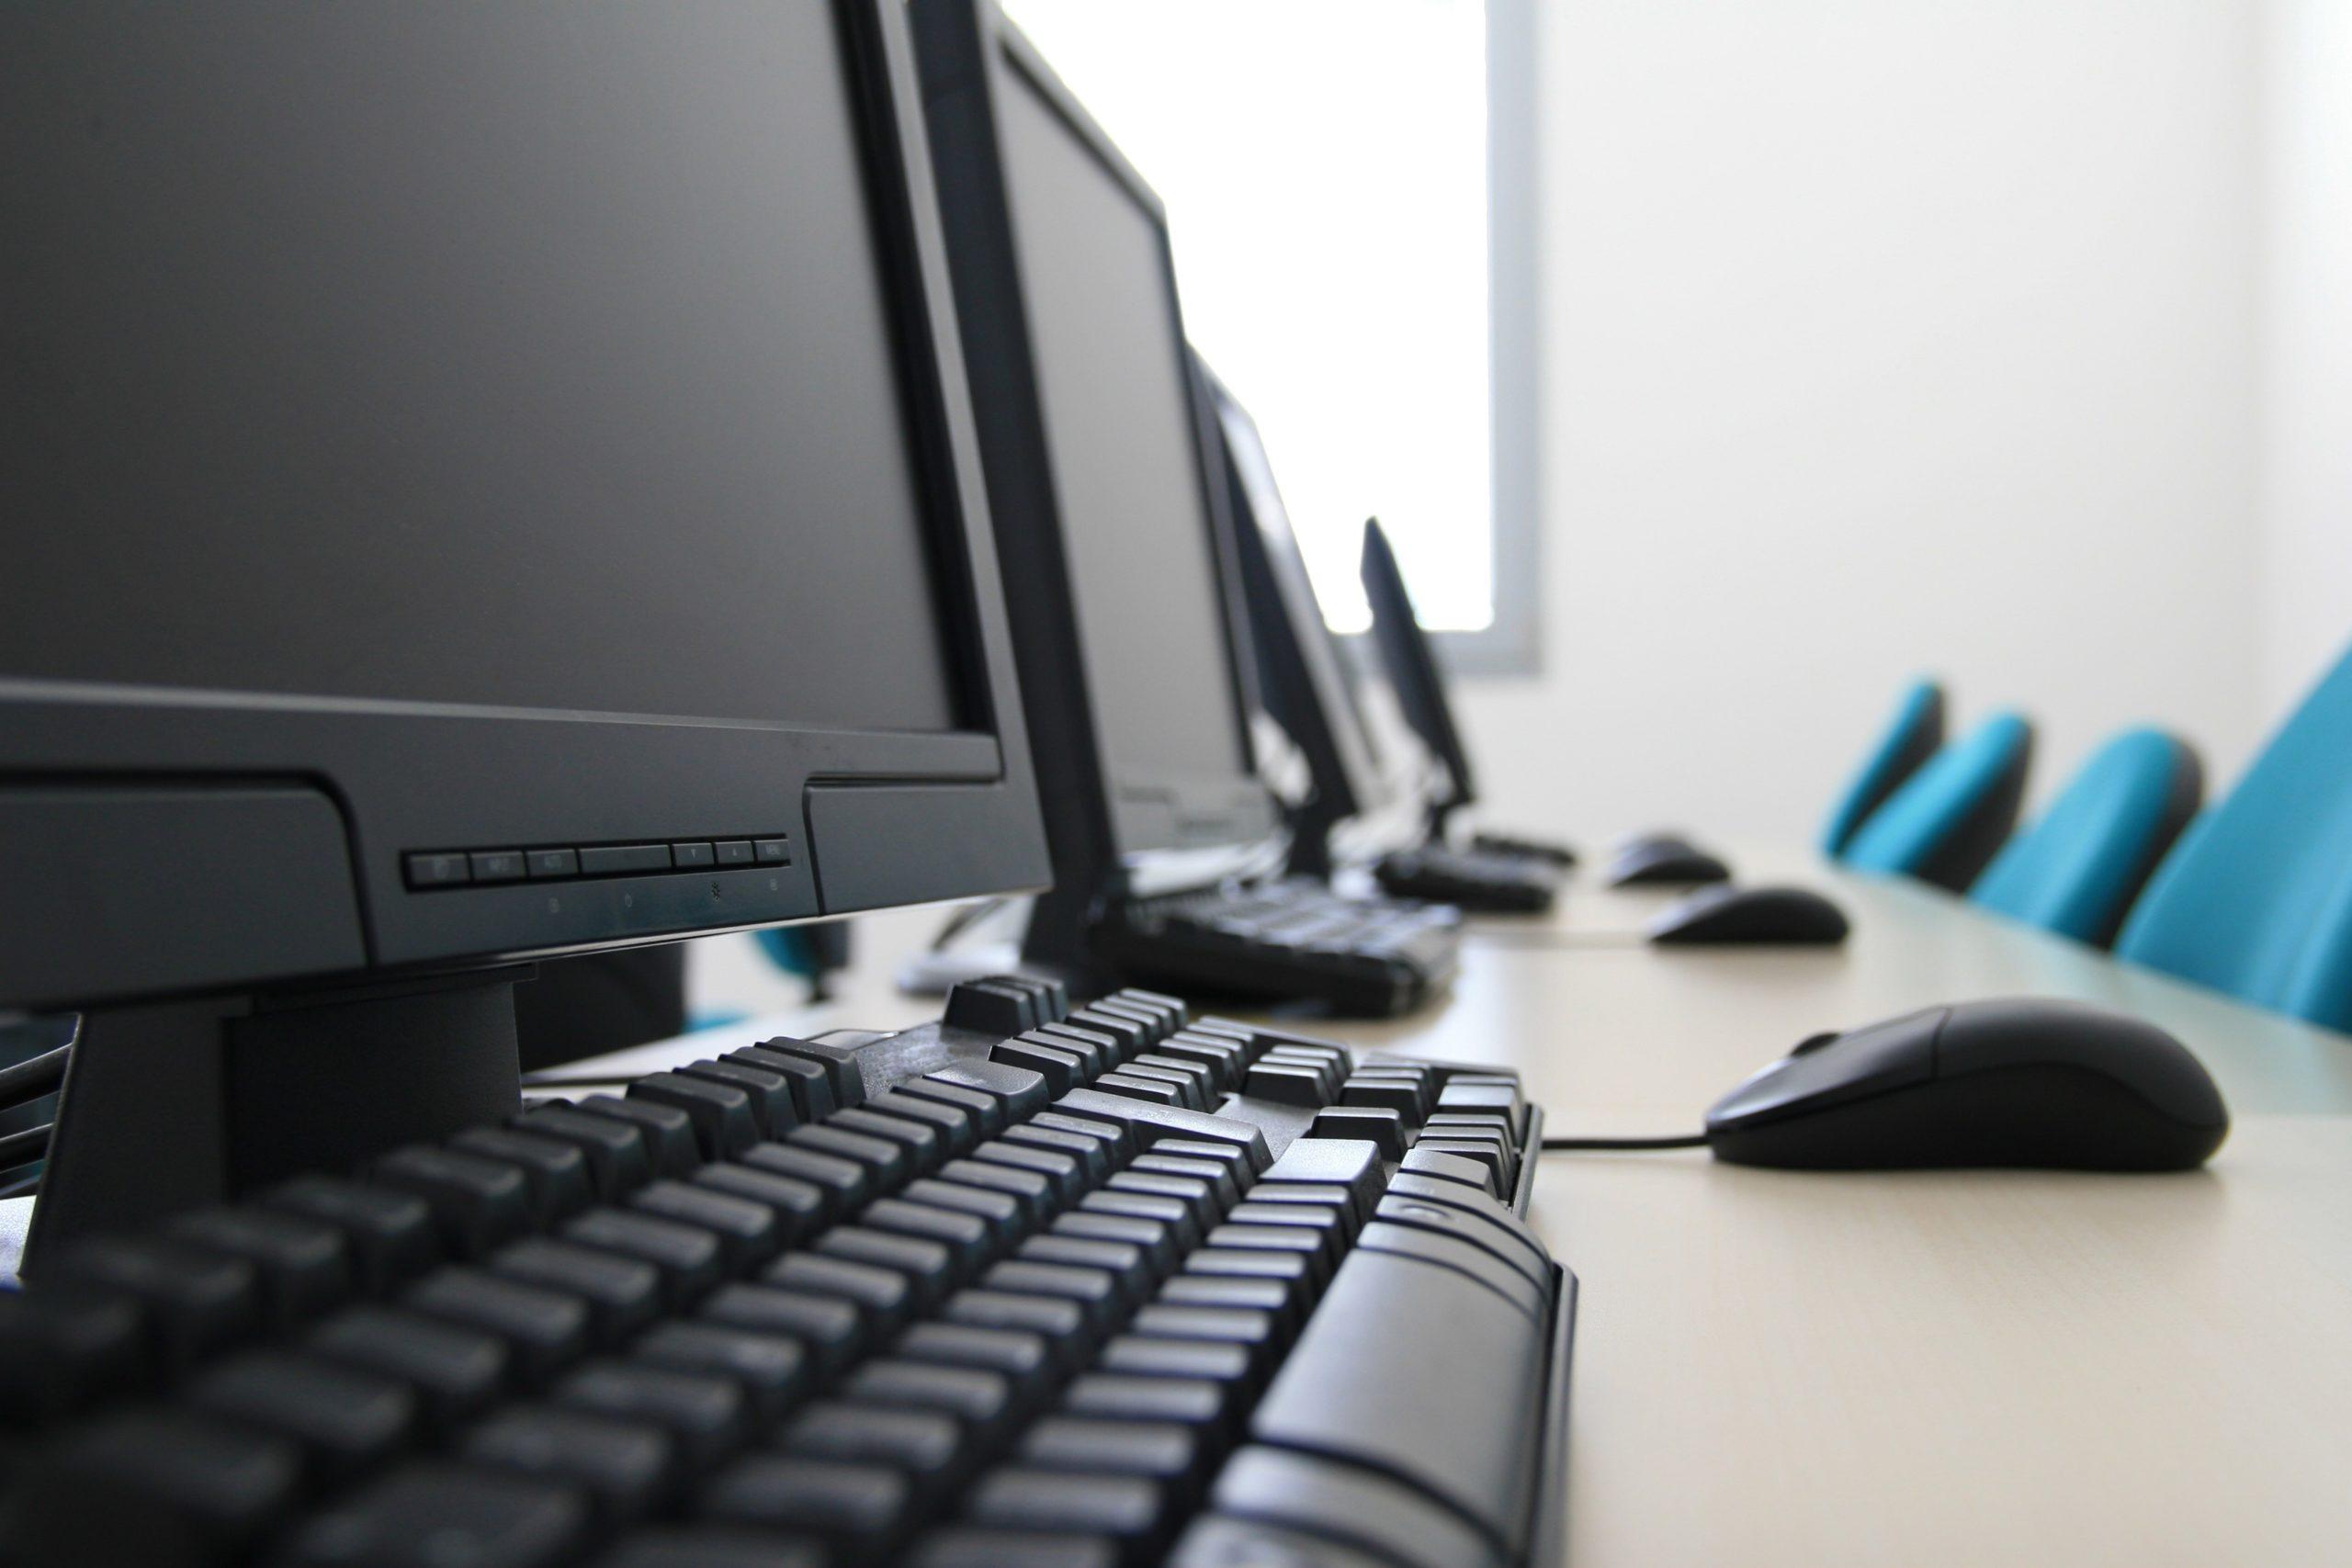 Подведение итогов аукциона на поставку компьютерной техники